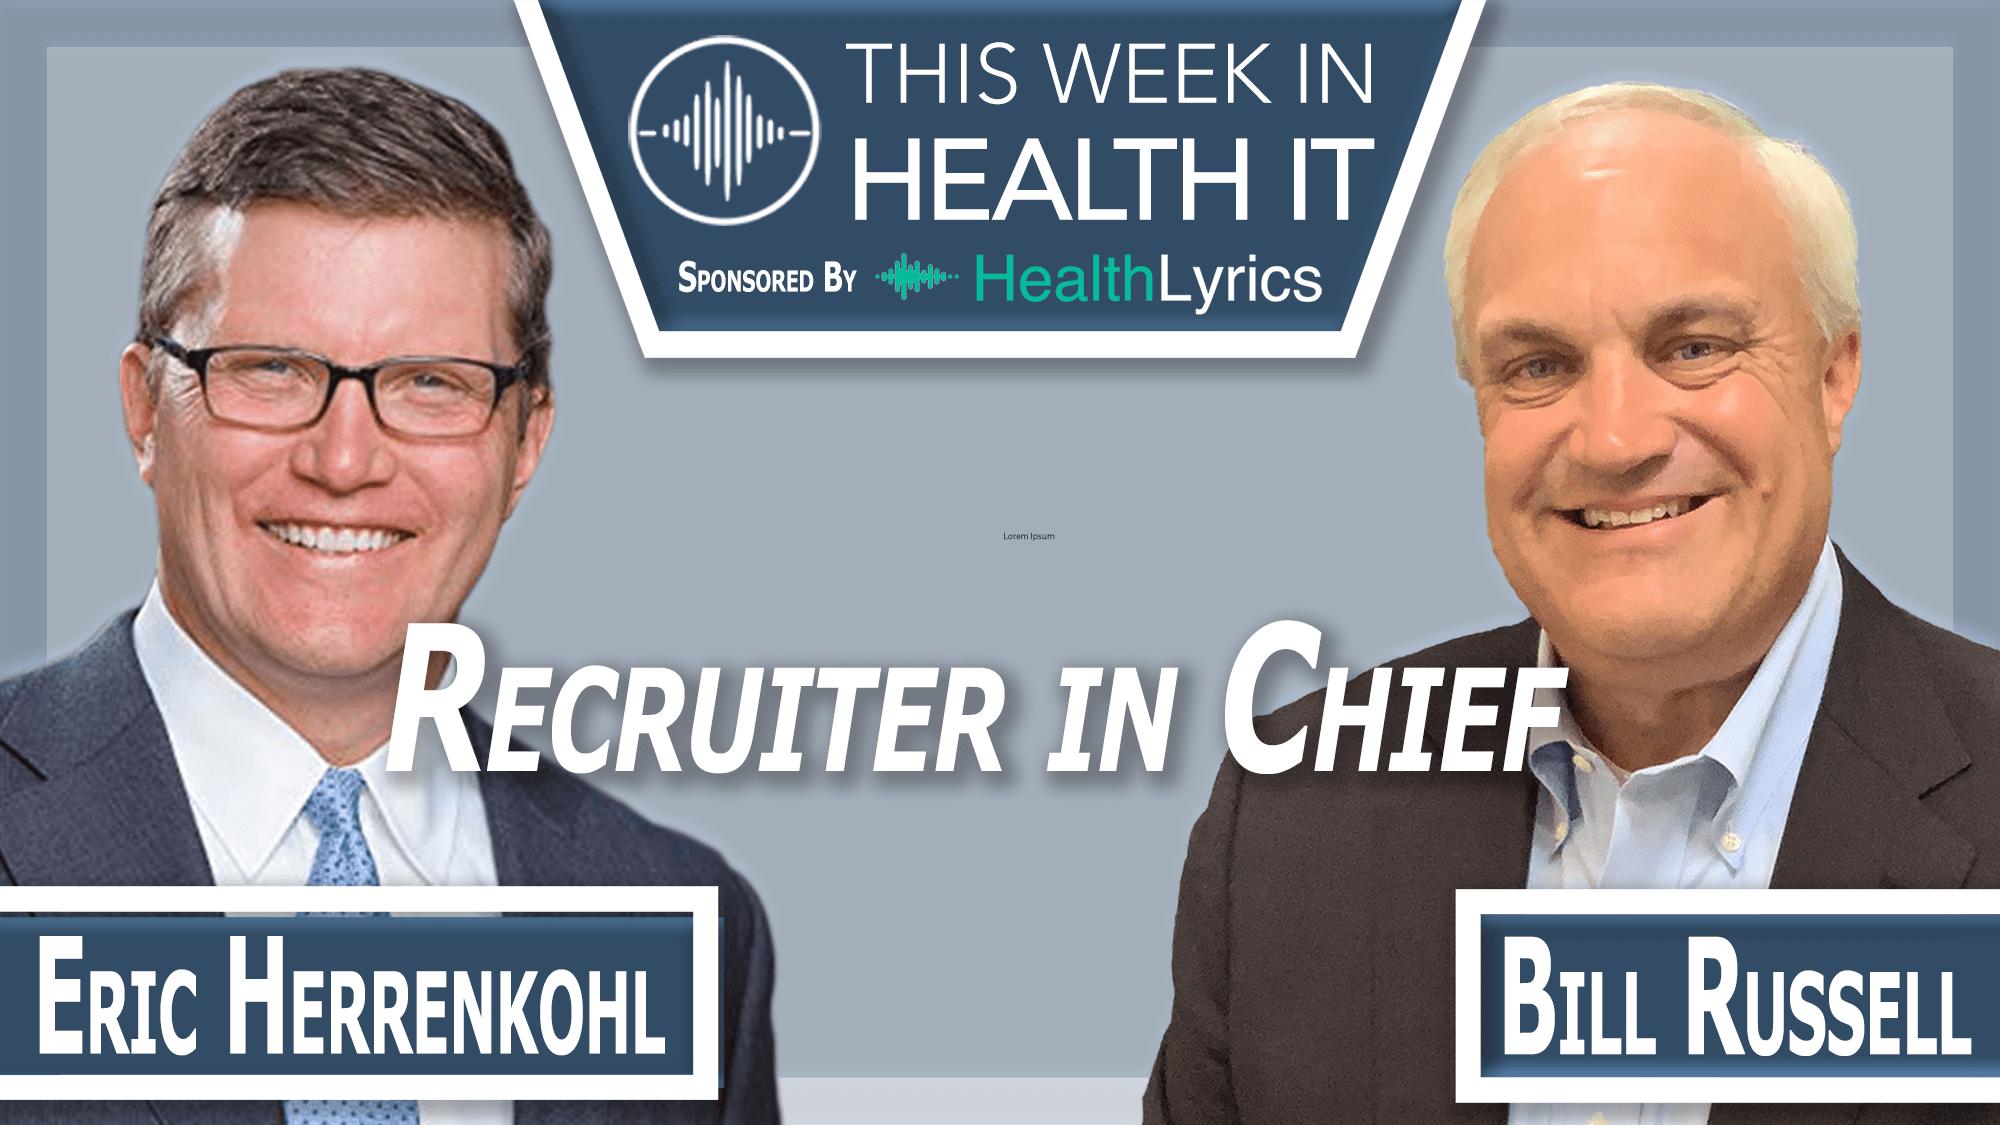 Eric Herrenkohl This Week in Health IT